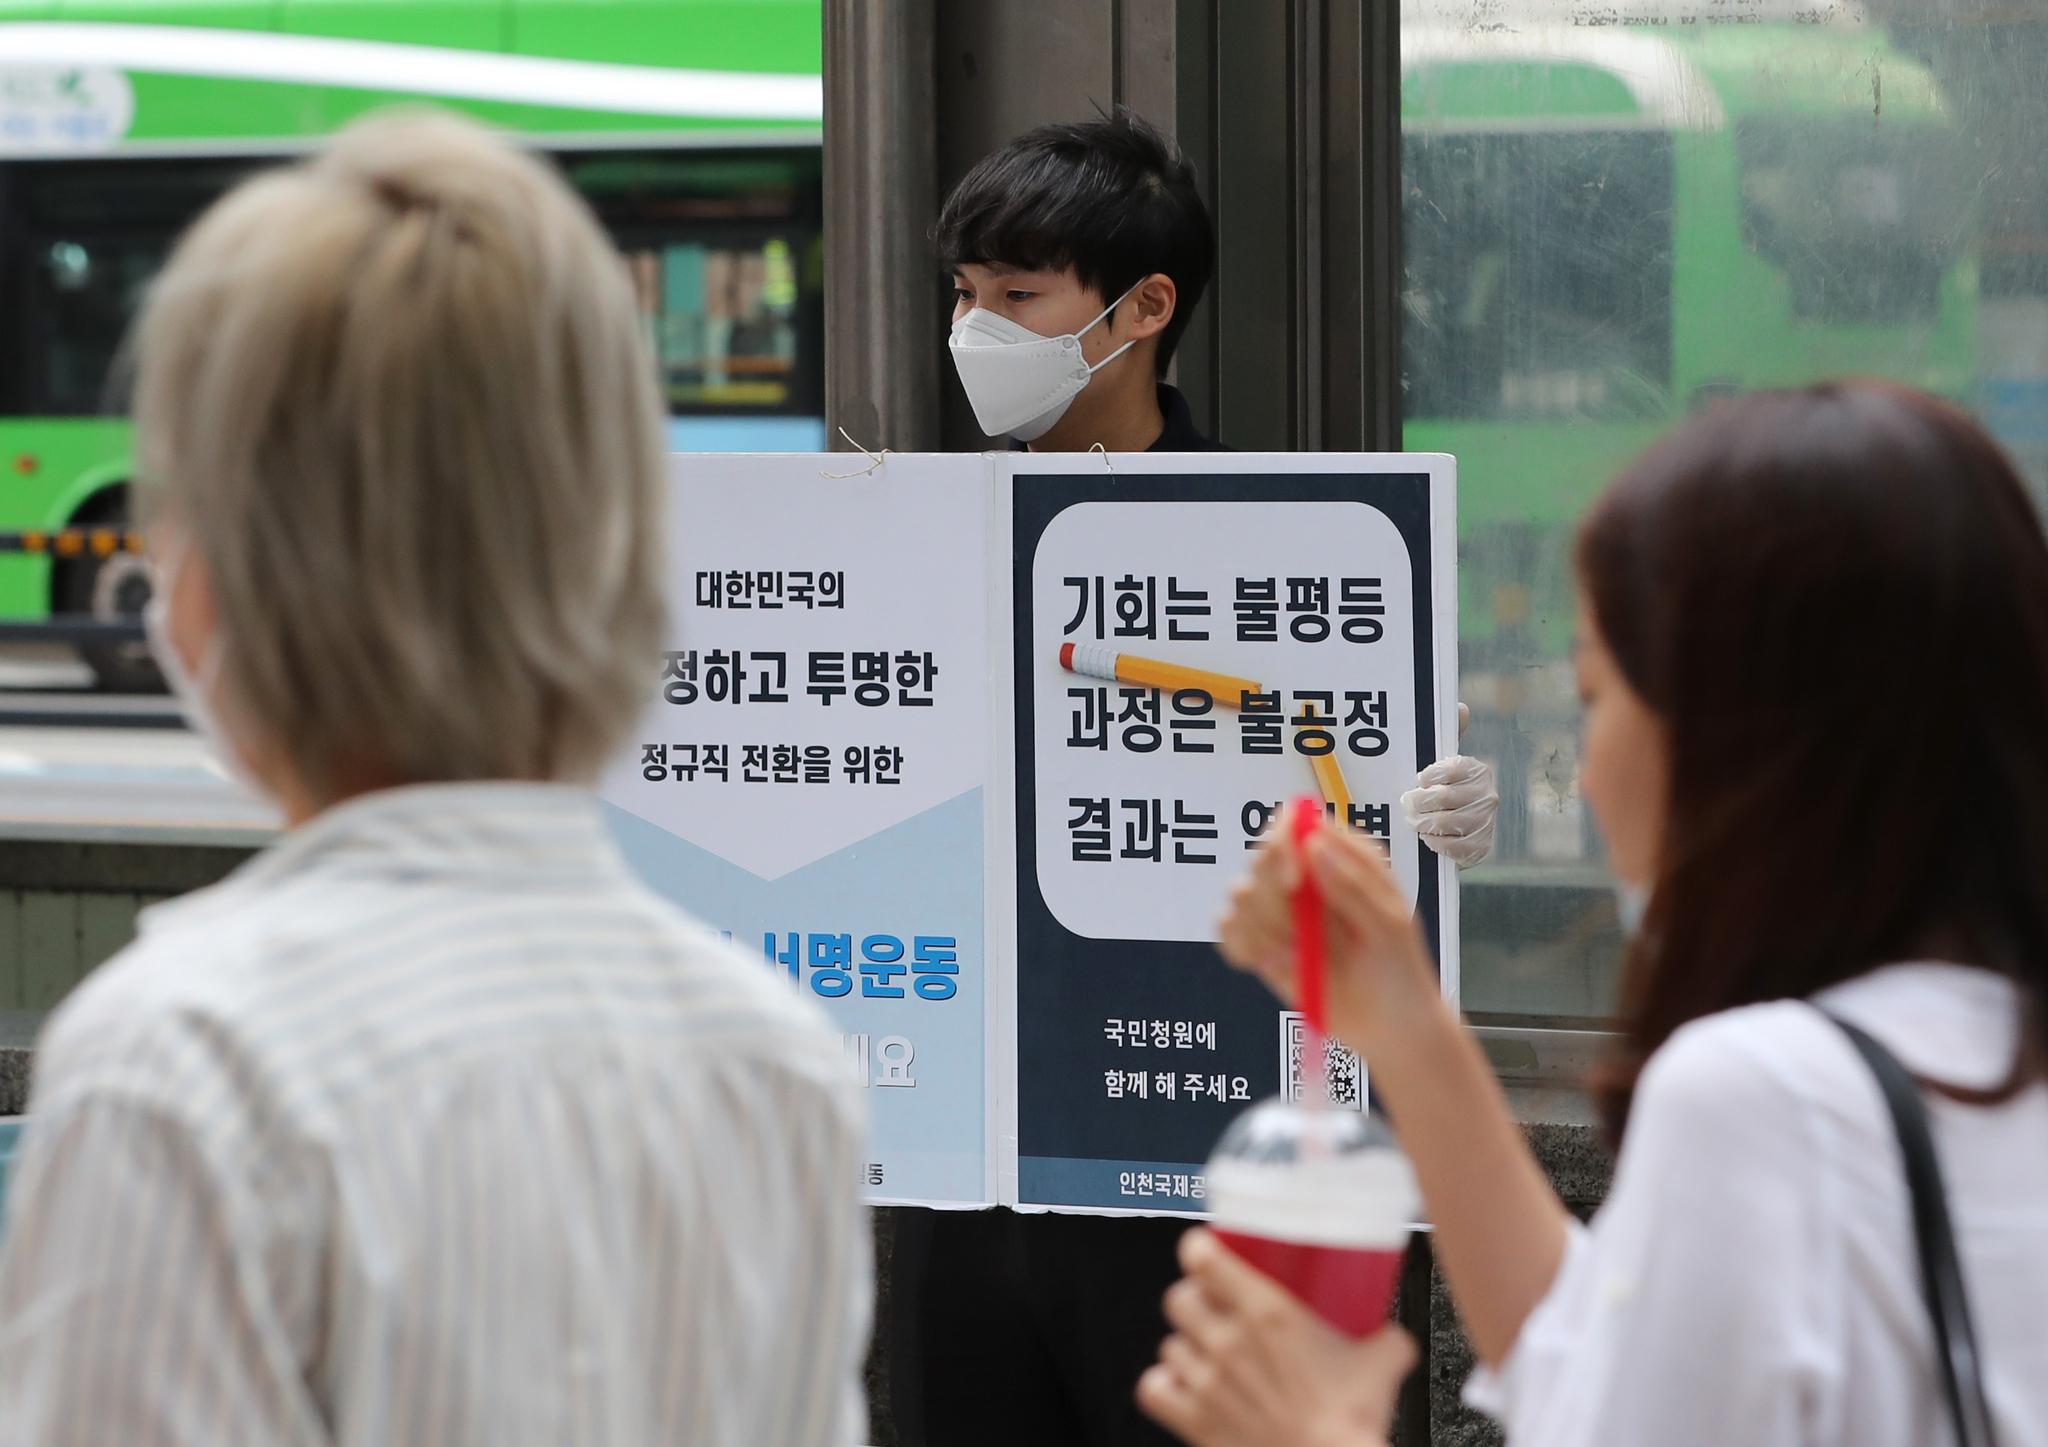 지난달 30일 서울 마포구 홍대입구역에서 인천국제공항공사 직원이 공정하고 투명한 정규직 전환을 요구하는 피켓을 들고 있다. 뉴스1